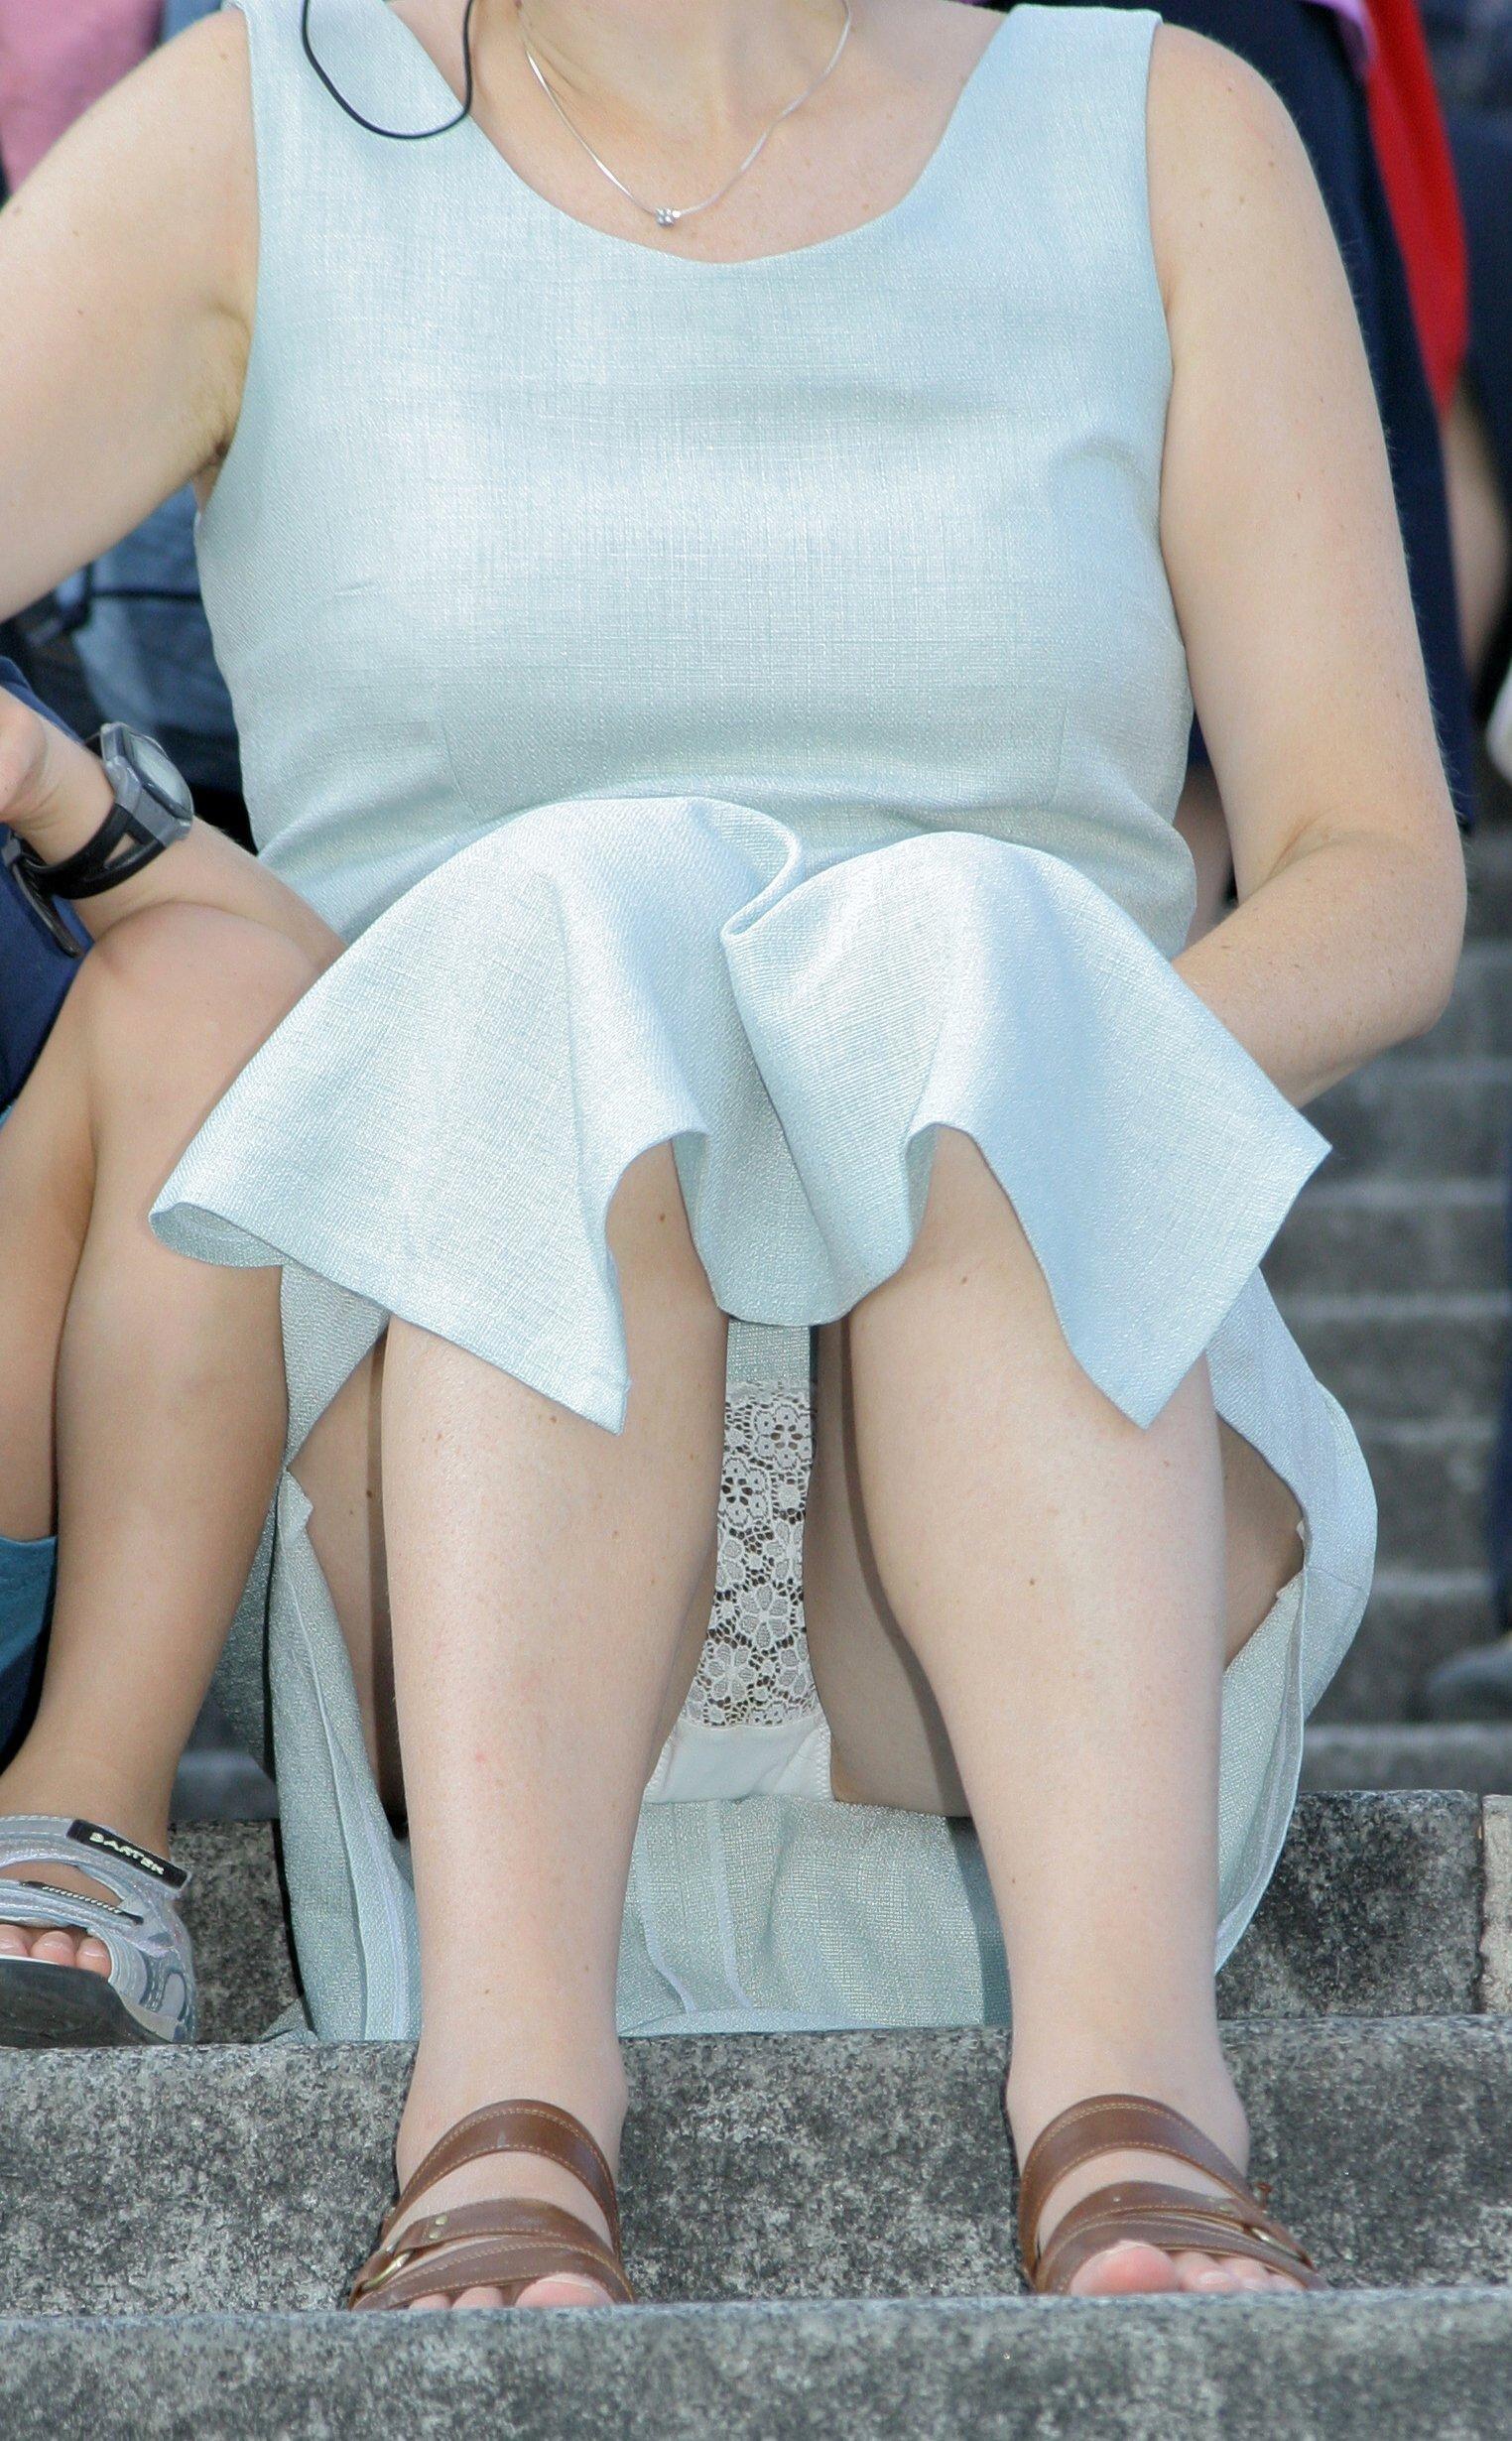 Под юбками можно разглядеть трусики